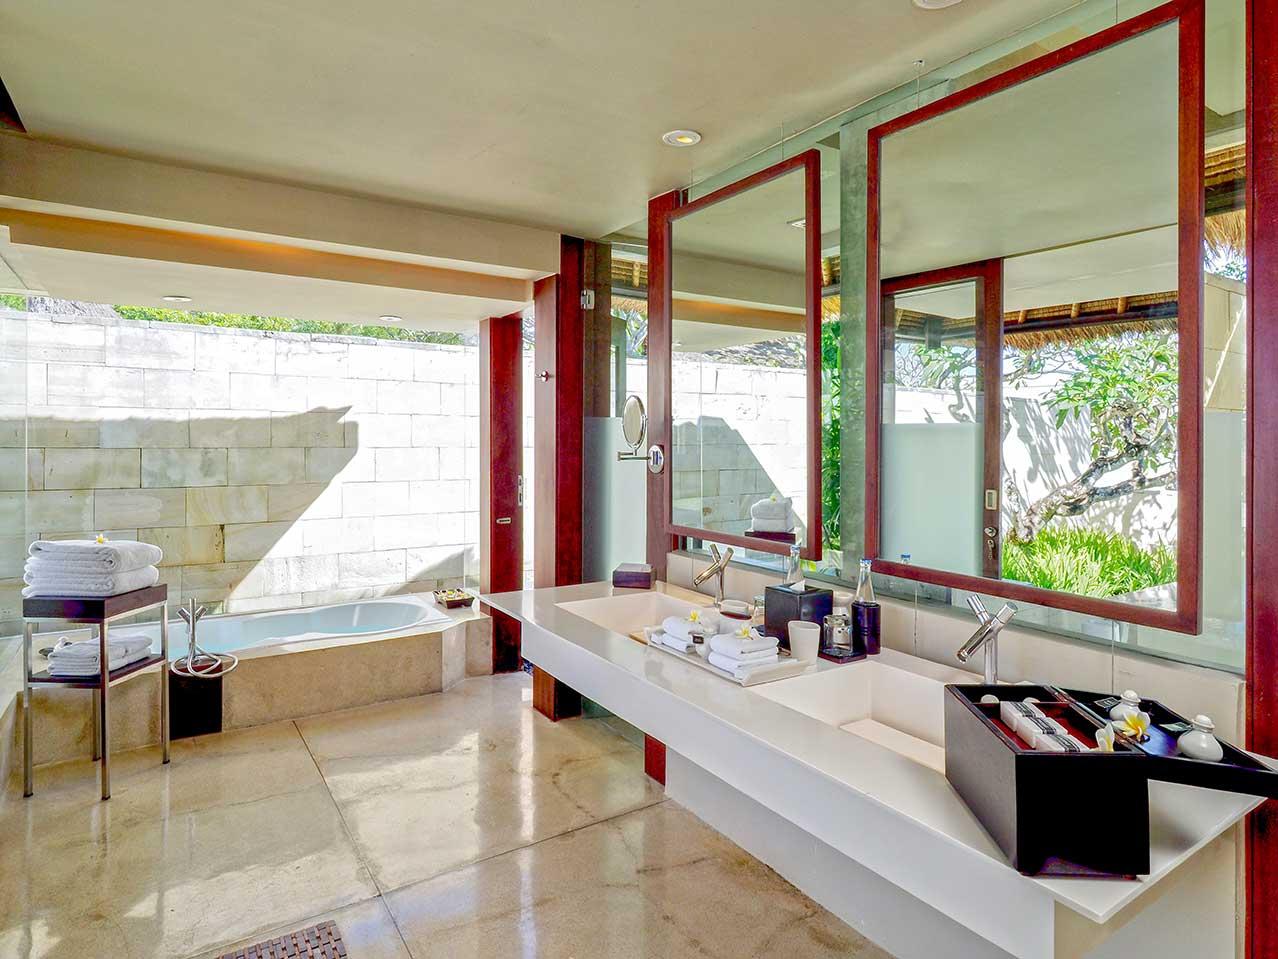 Kamar mandi berkonsep tropis terbuka (Sumber: thebale.com)